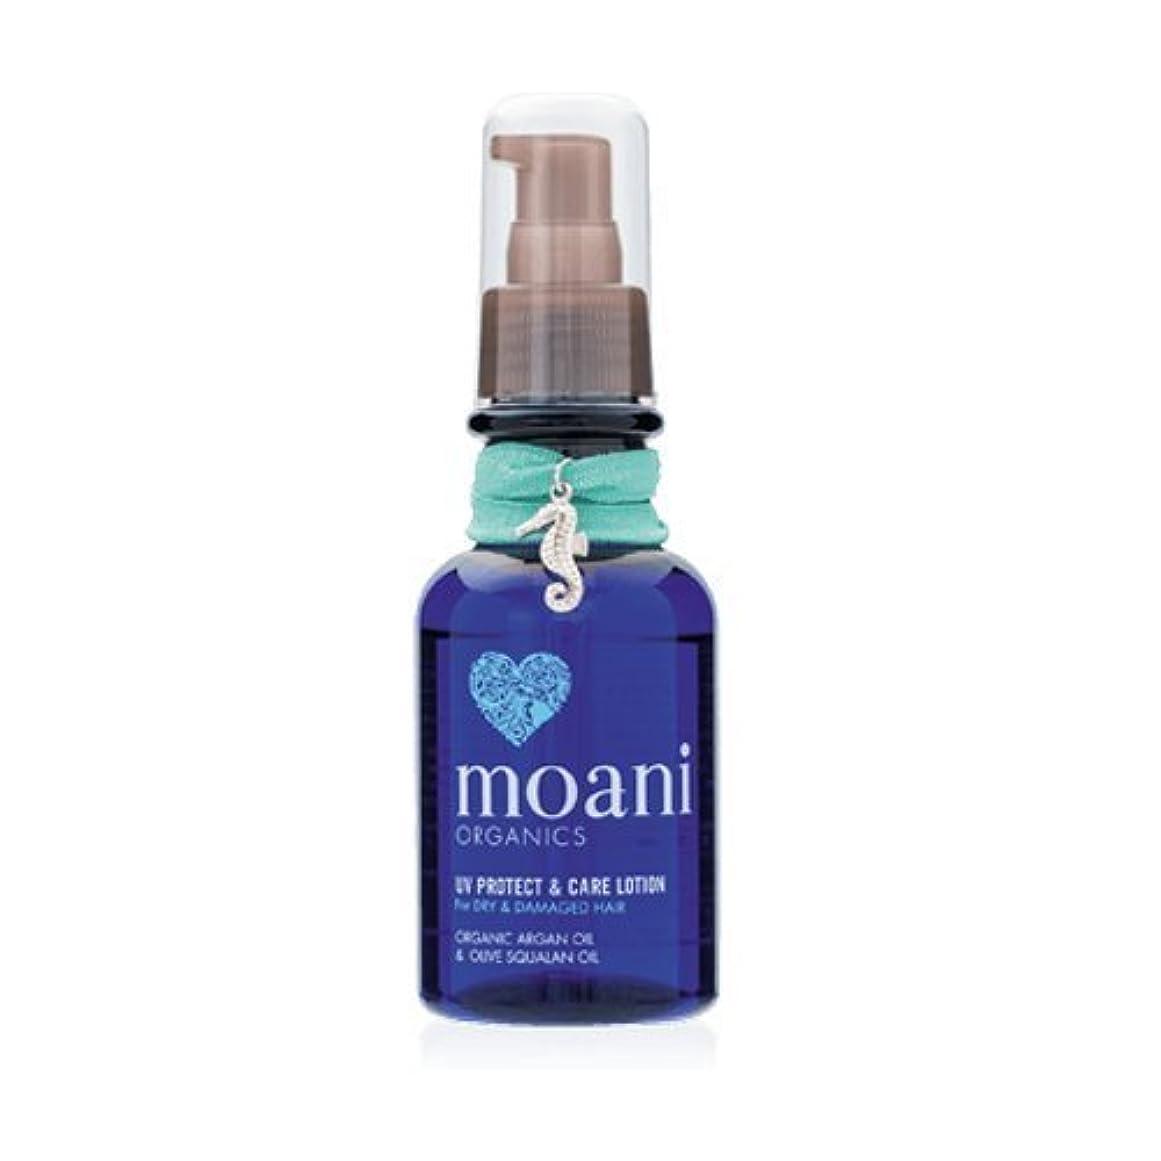 ラジカル無臭校長moani organics UV Protect & Care Lotion For Dry & Damaged Hair(髪用アウトバストリートメント)